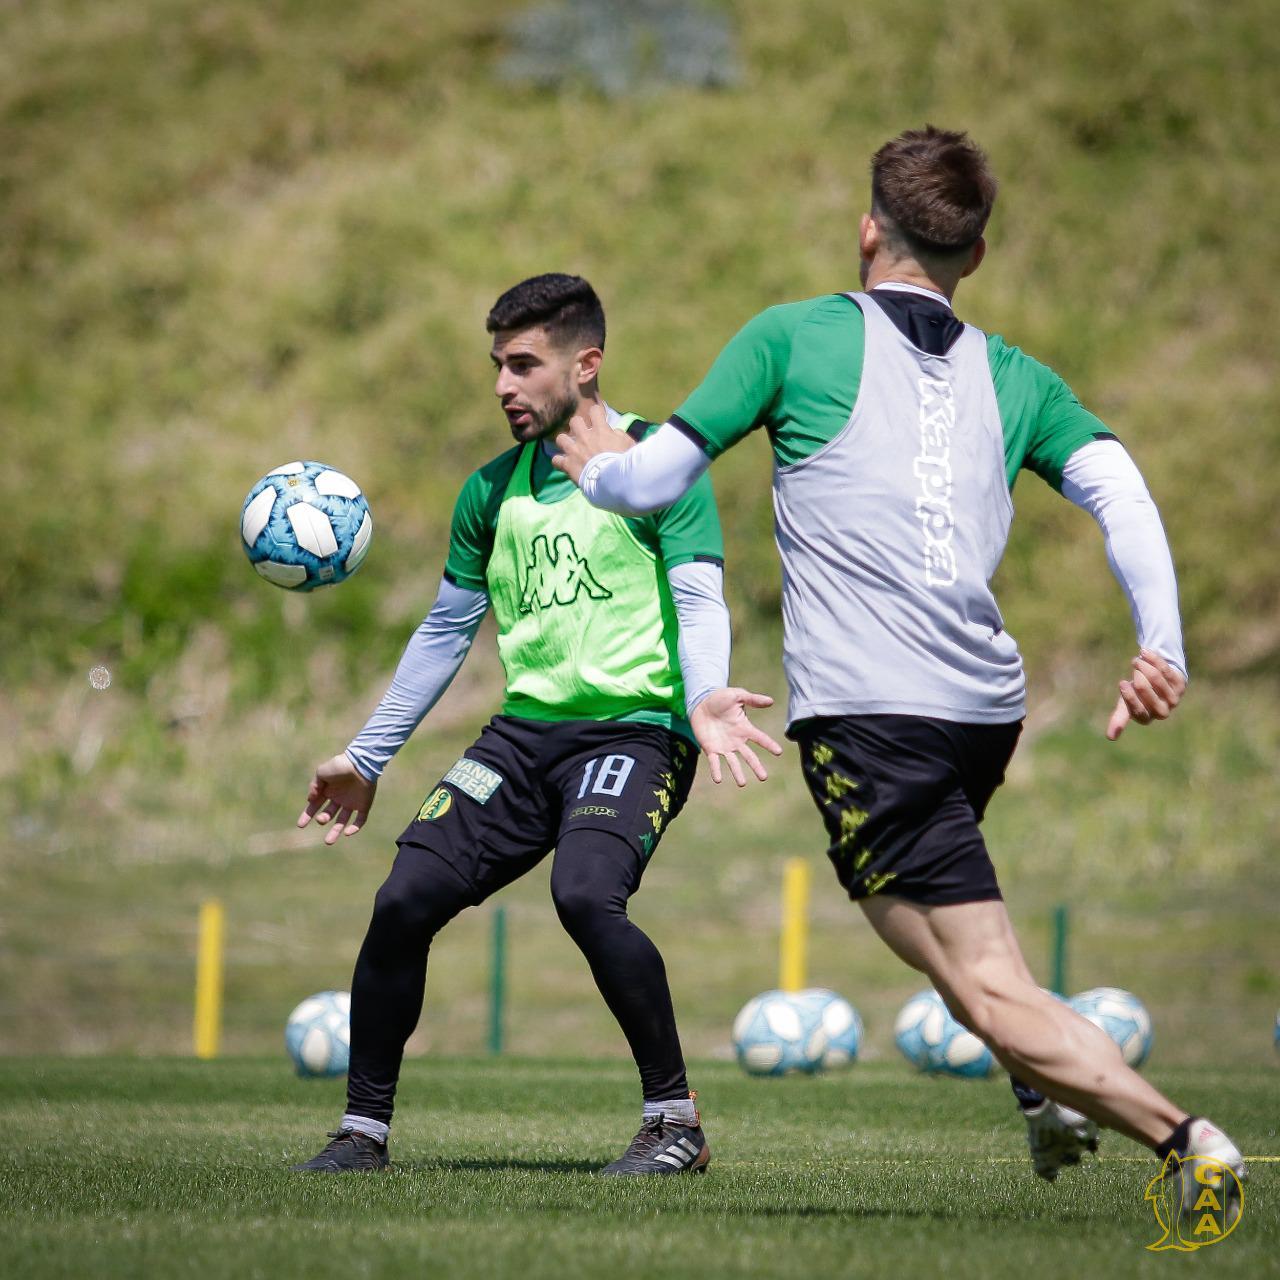 La provincia de Buenos Aires avanzará con vacunación a planteles de fútbol y futsal